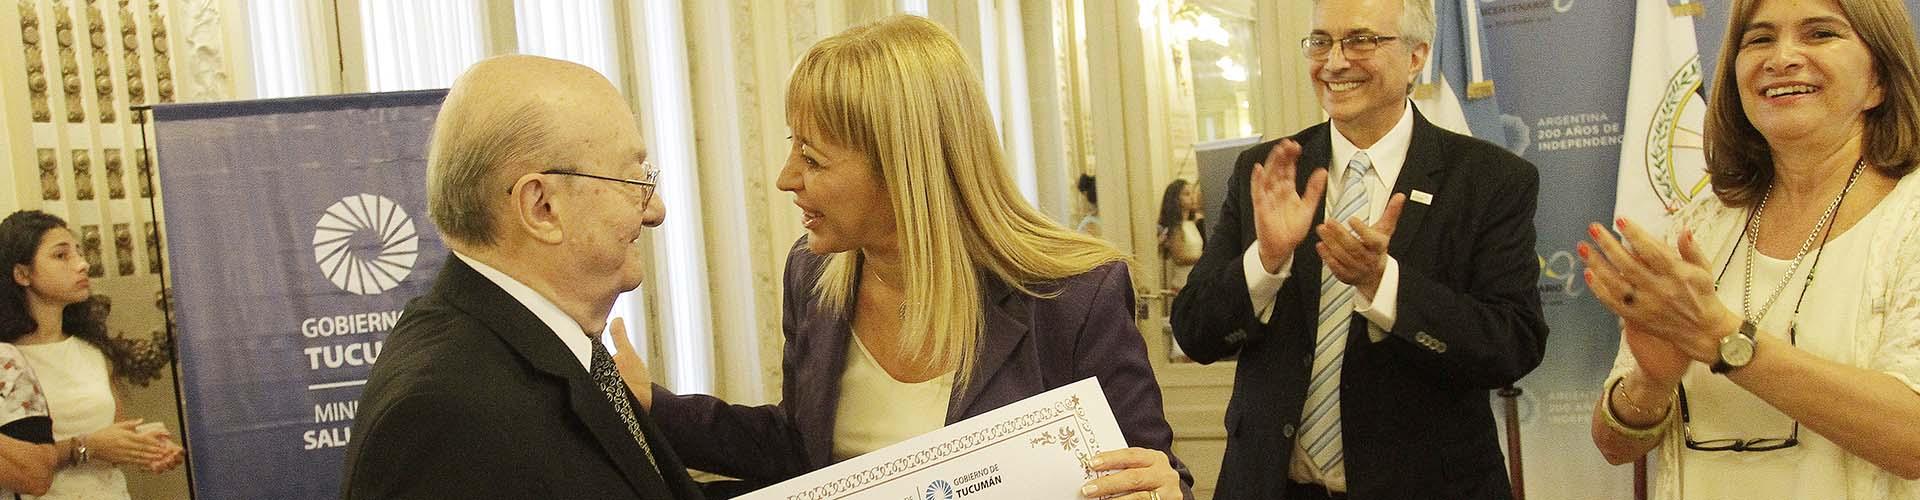 Referentes de la medicina tucumana fueron reconocidos por el Ministerio de Salud de la provincia